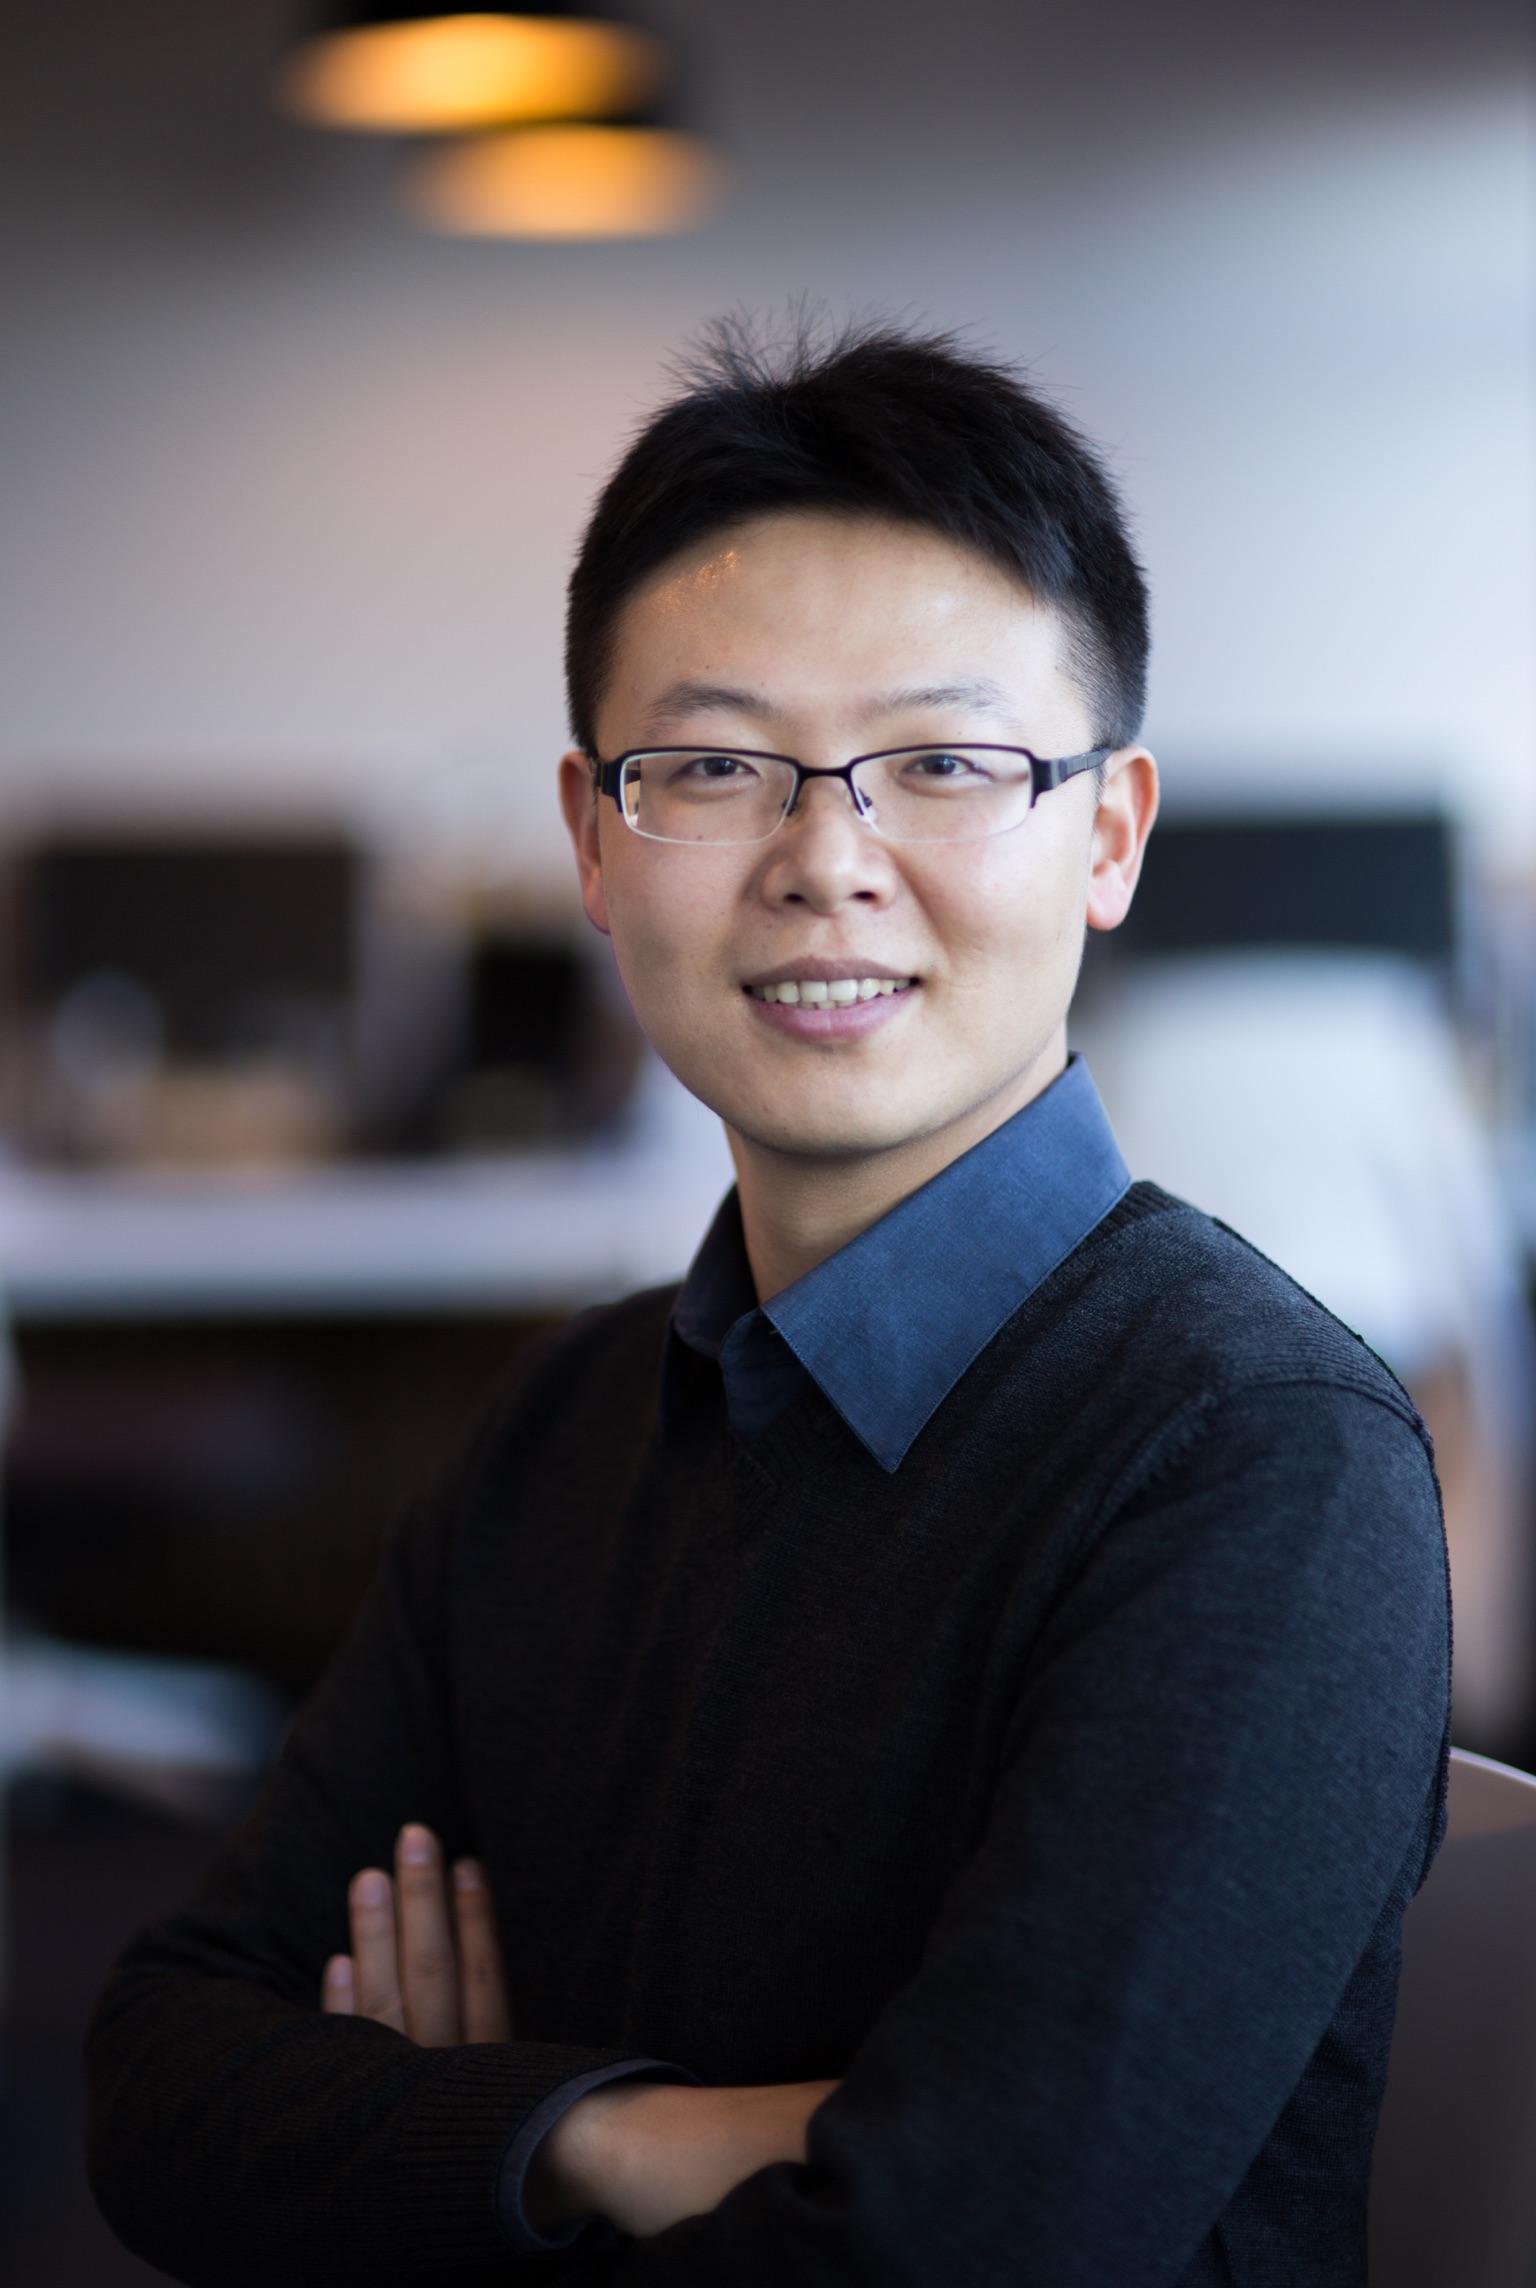 Jianbin Wang